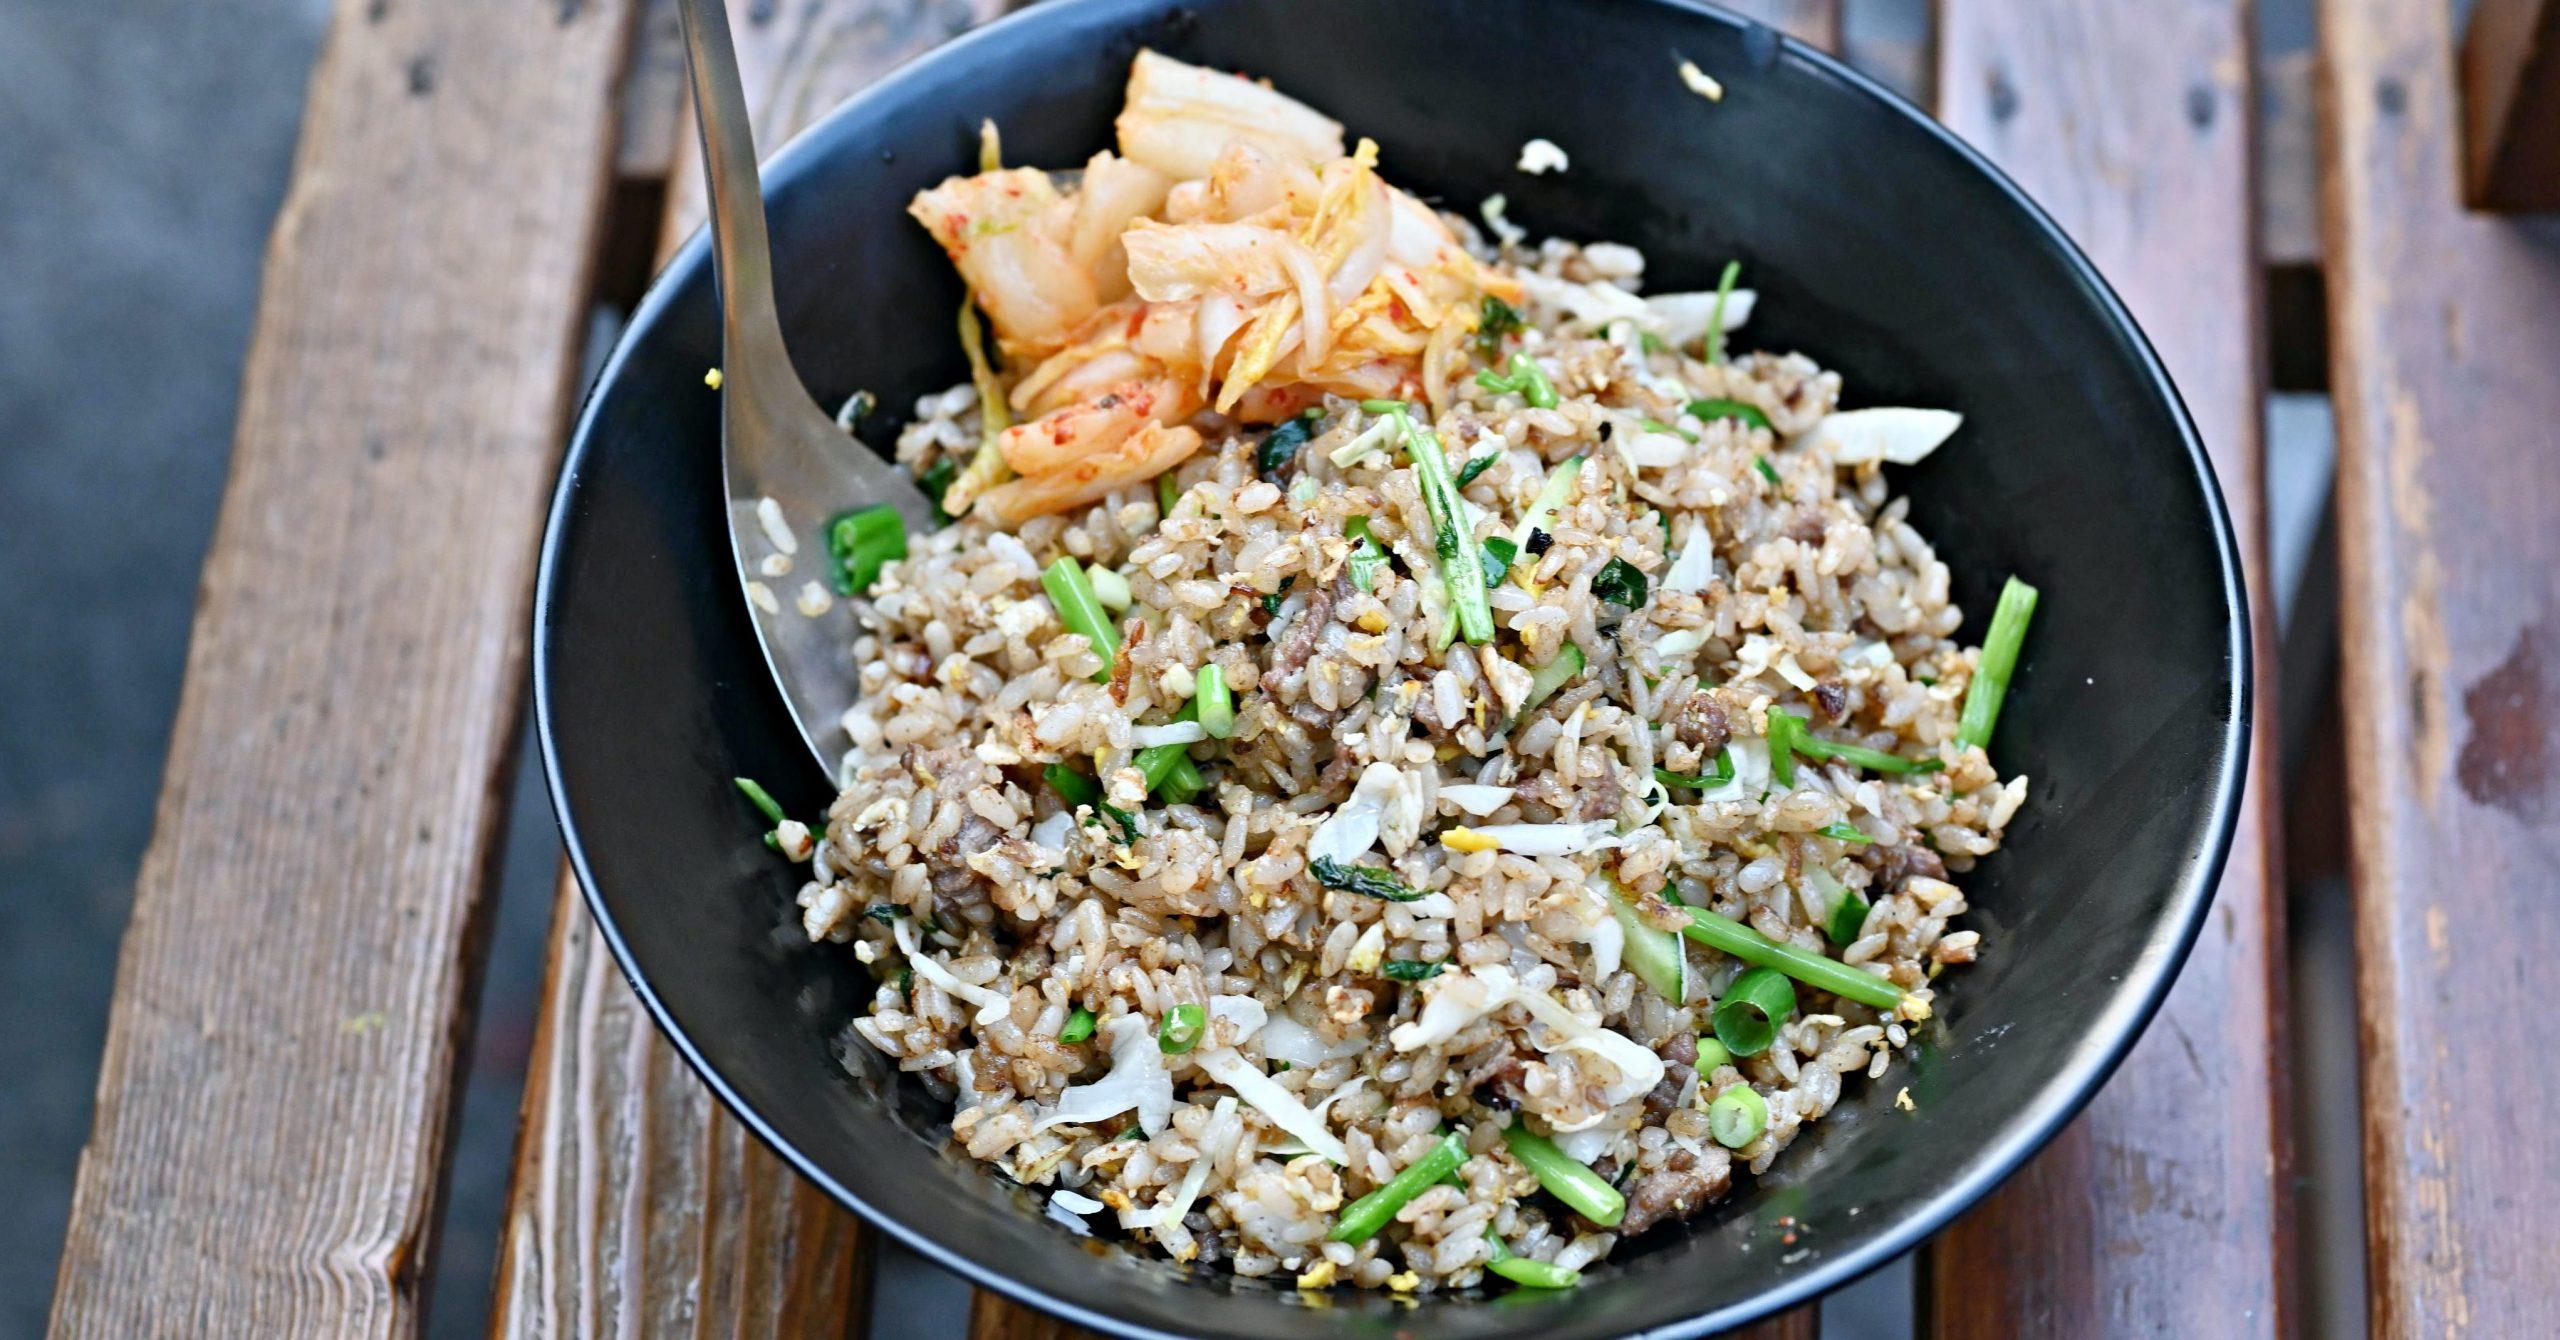 即時熱門文章:【士林美食】super超好吃炒飯炒麵,炒飯只要$60(菜單)